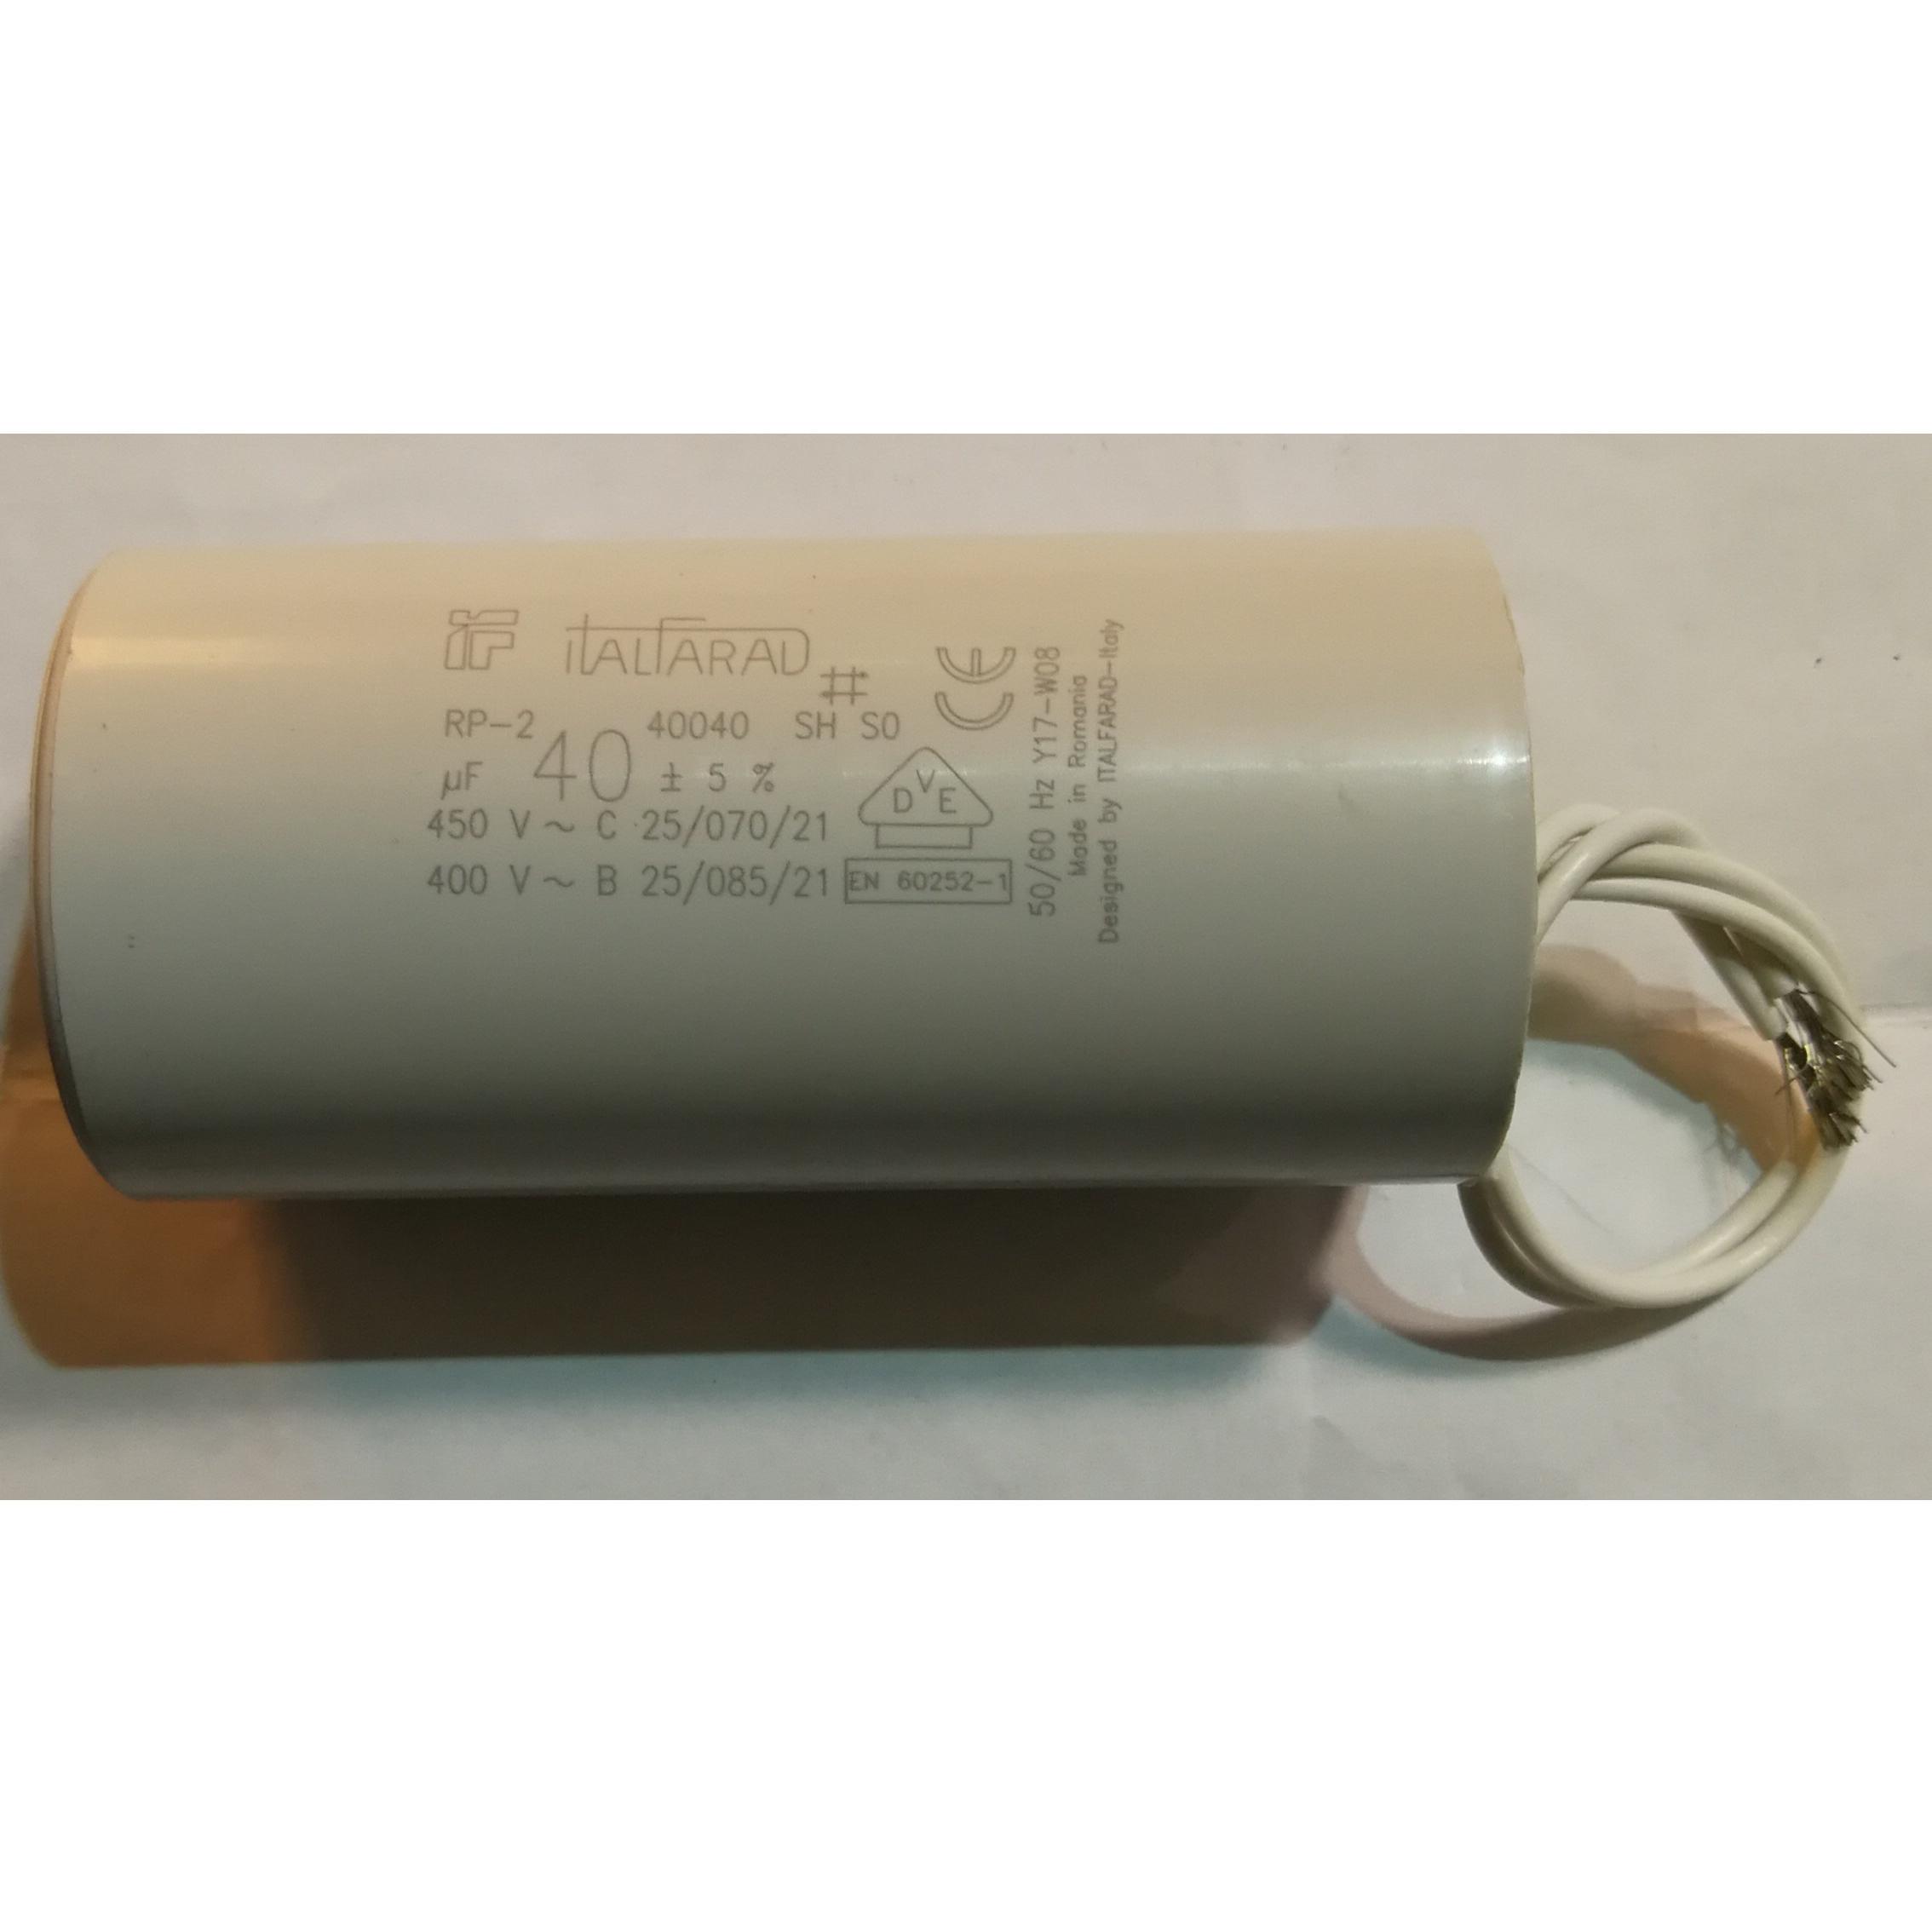 Condensatore elettrodomestici vari 40 μF ITALFARAD